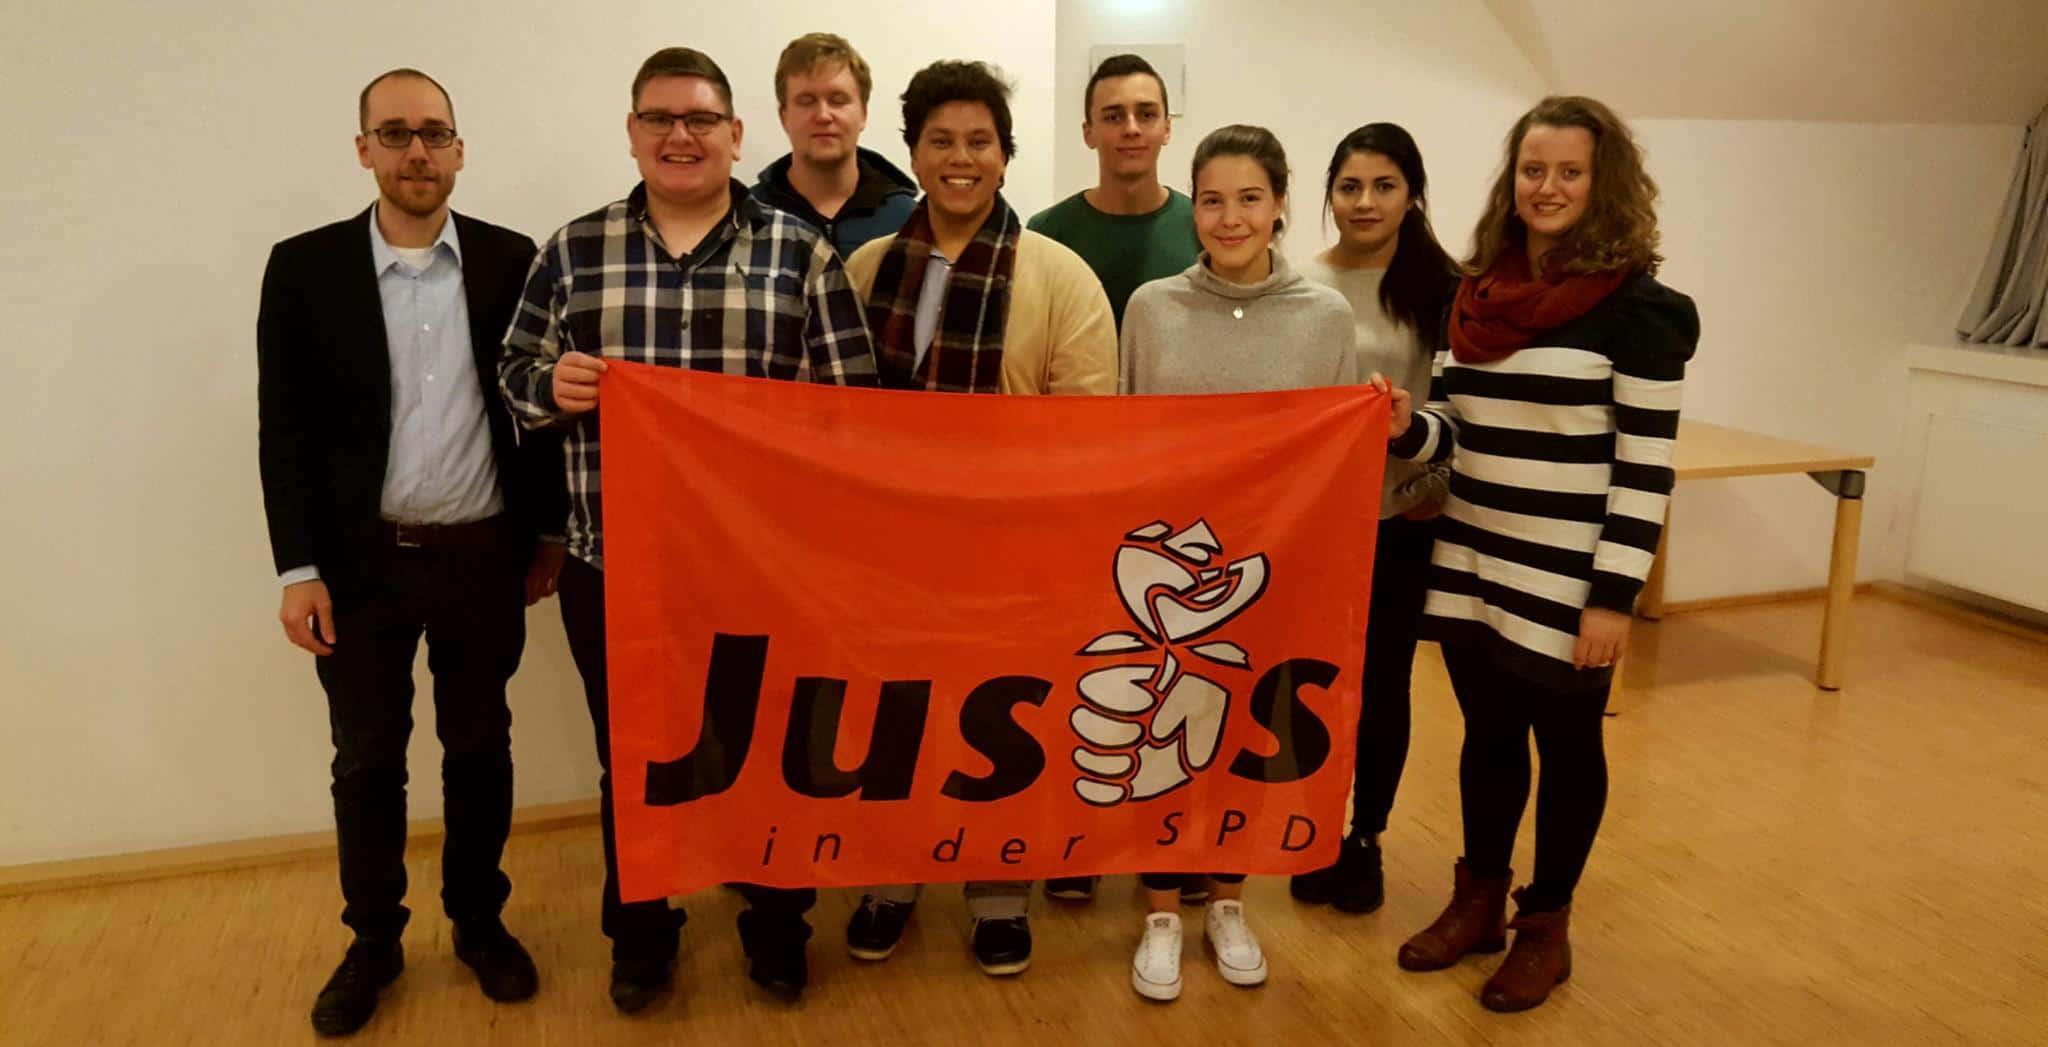 Die Jusos Boppard wählten bei ihrer diesjährigen Mitgliederversammlung einen neuen Vorstand und dankten den ausscheidenden Vorstandmitgliedern für ihre Arbeit. Darunter: Andreas Nick (1. v.l.), Nils Goike, Monice Stay.